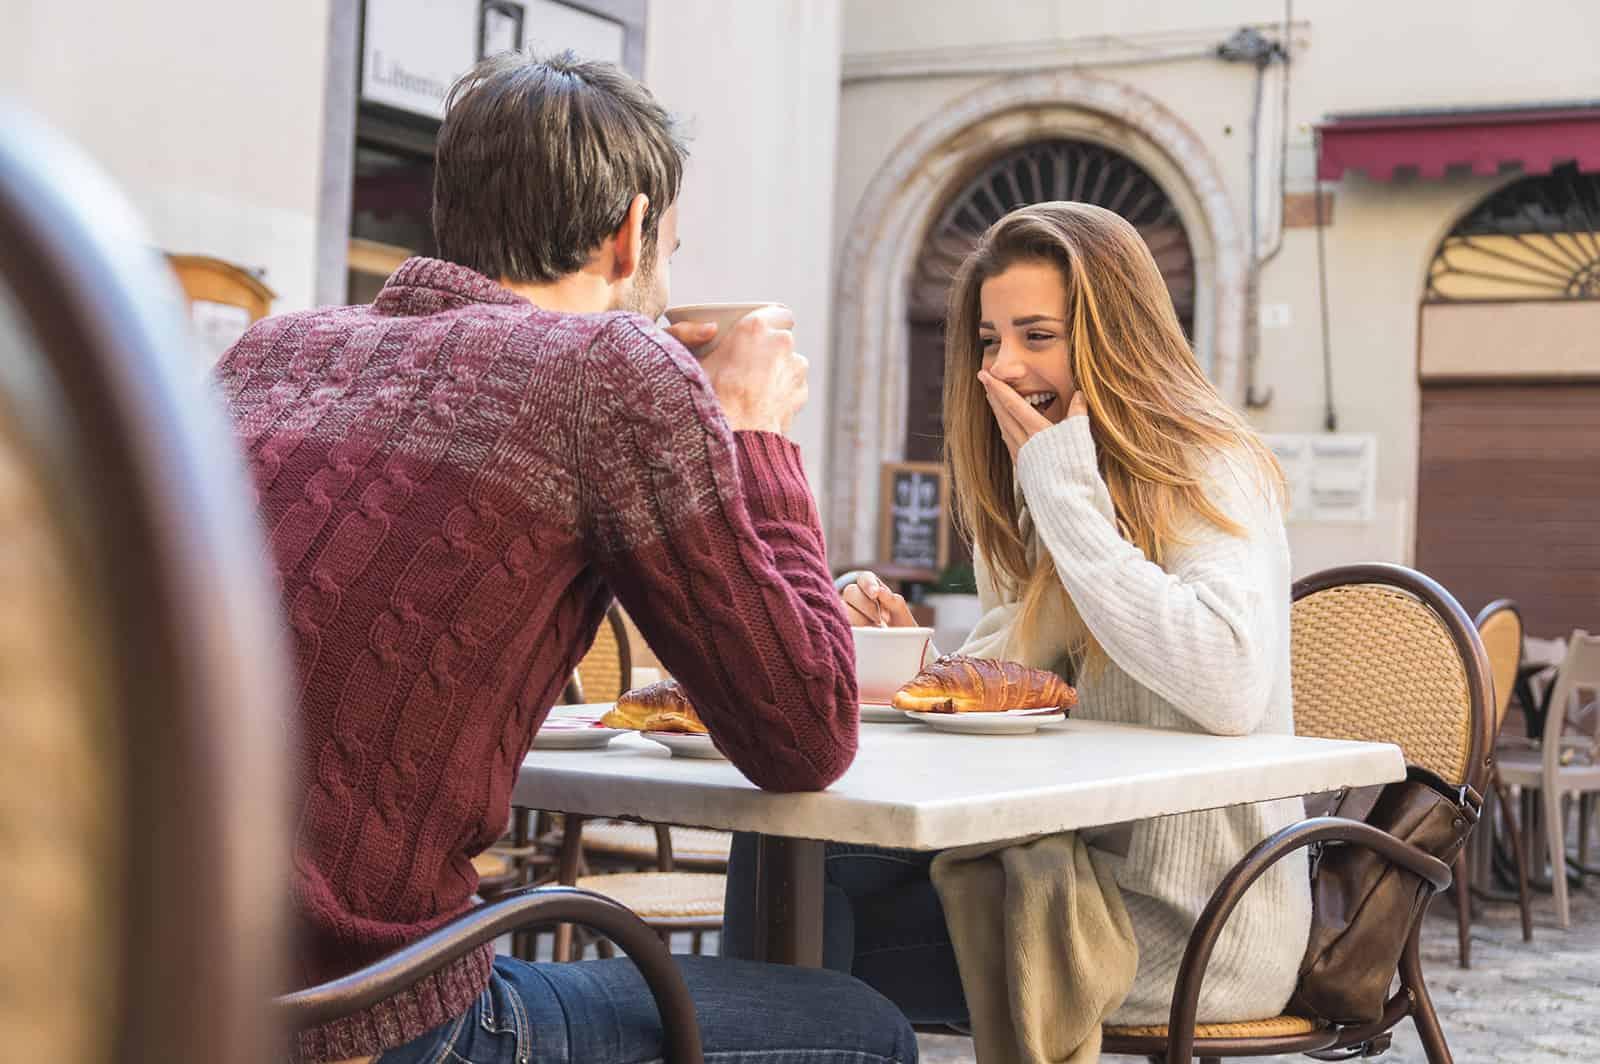 eine lachende Frau, die mit einem Mann im Café sitzt und zusammen frühstückt